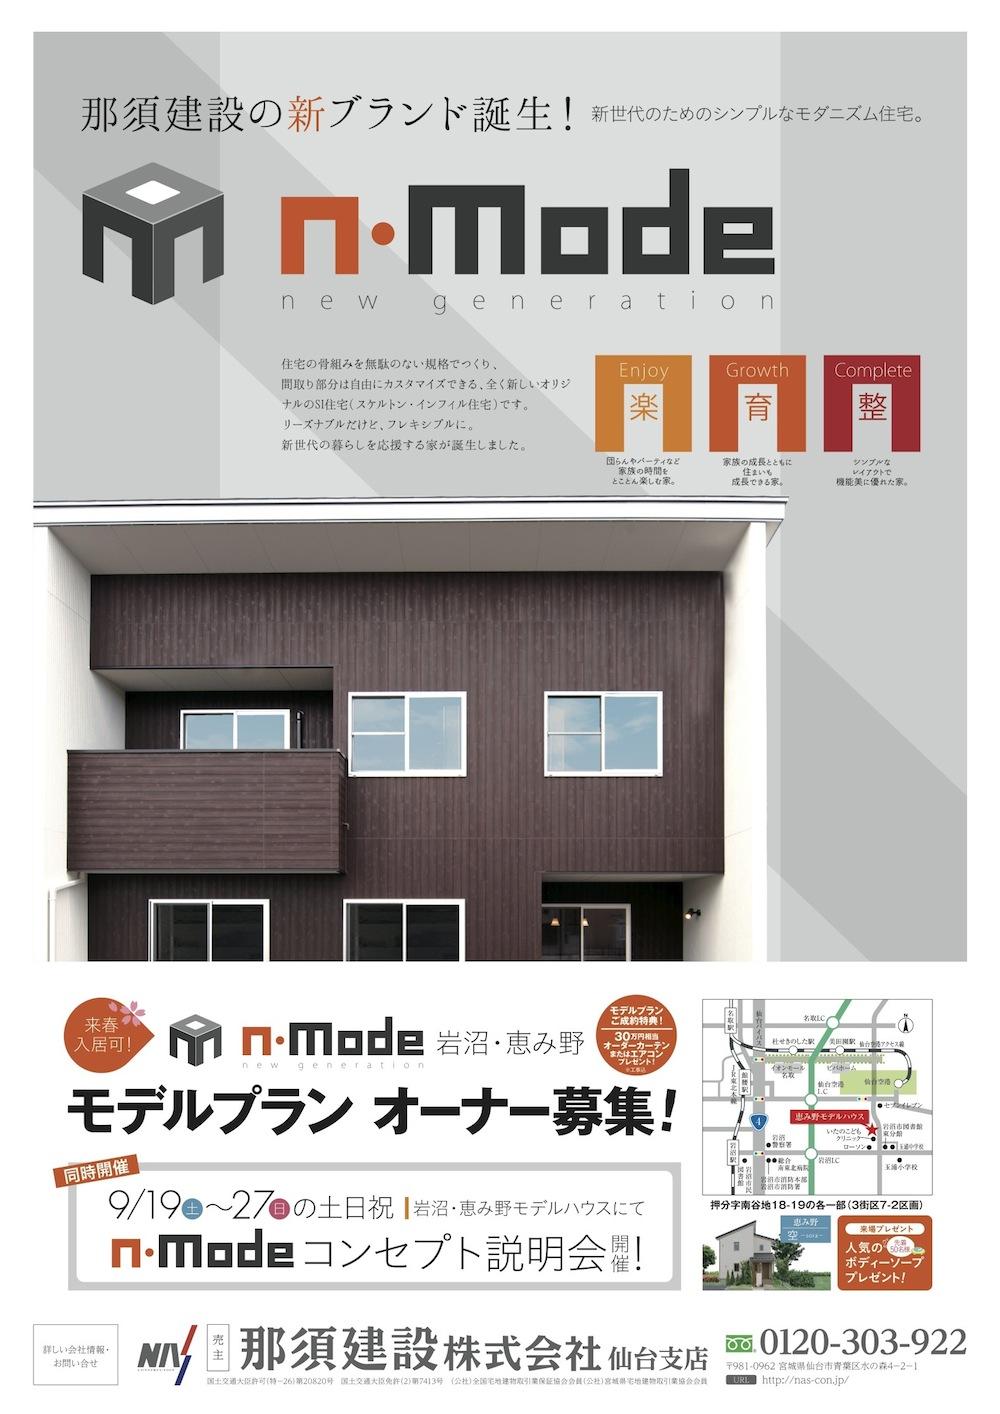 【仙台支店】n-modeモデルプラン・オーナー募集!:画像